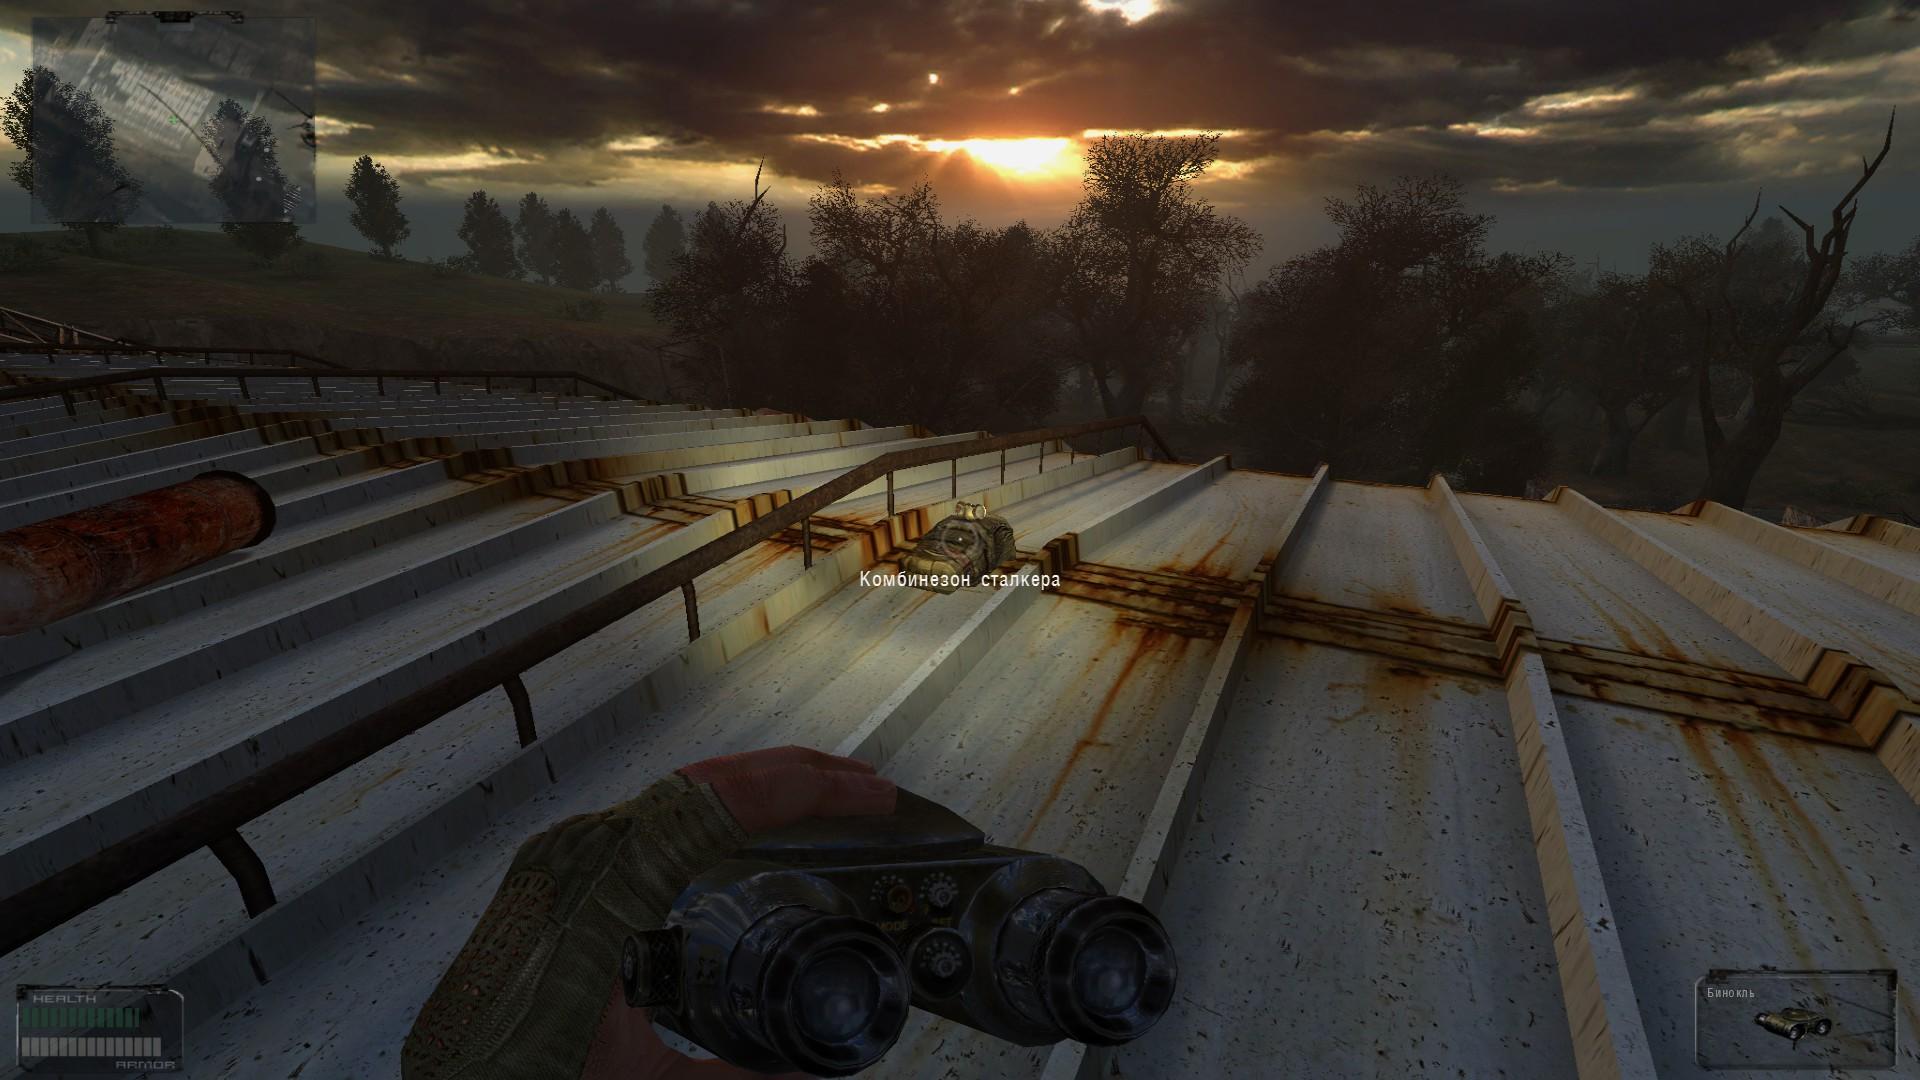 Oblivion Lost Remake 2.5 image 91